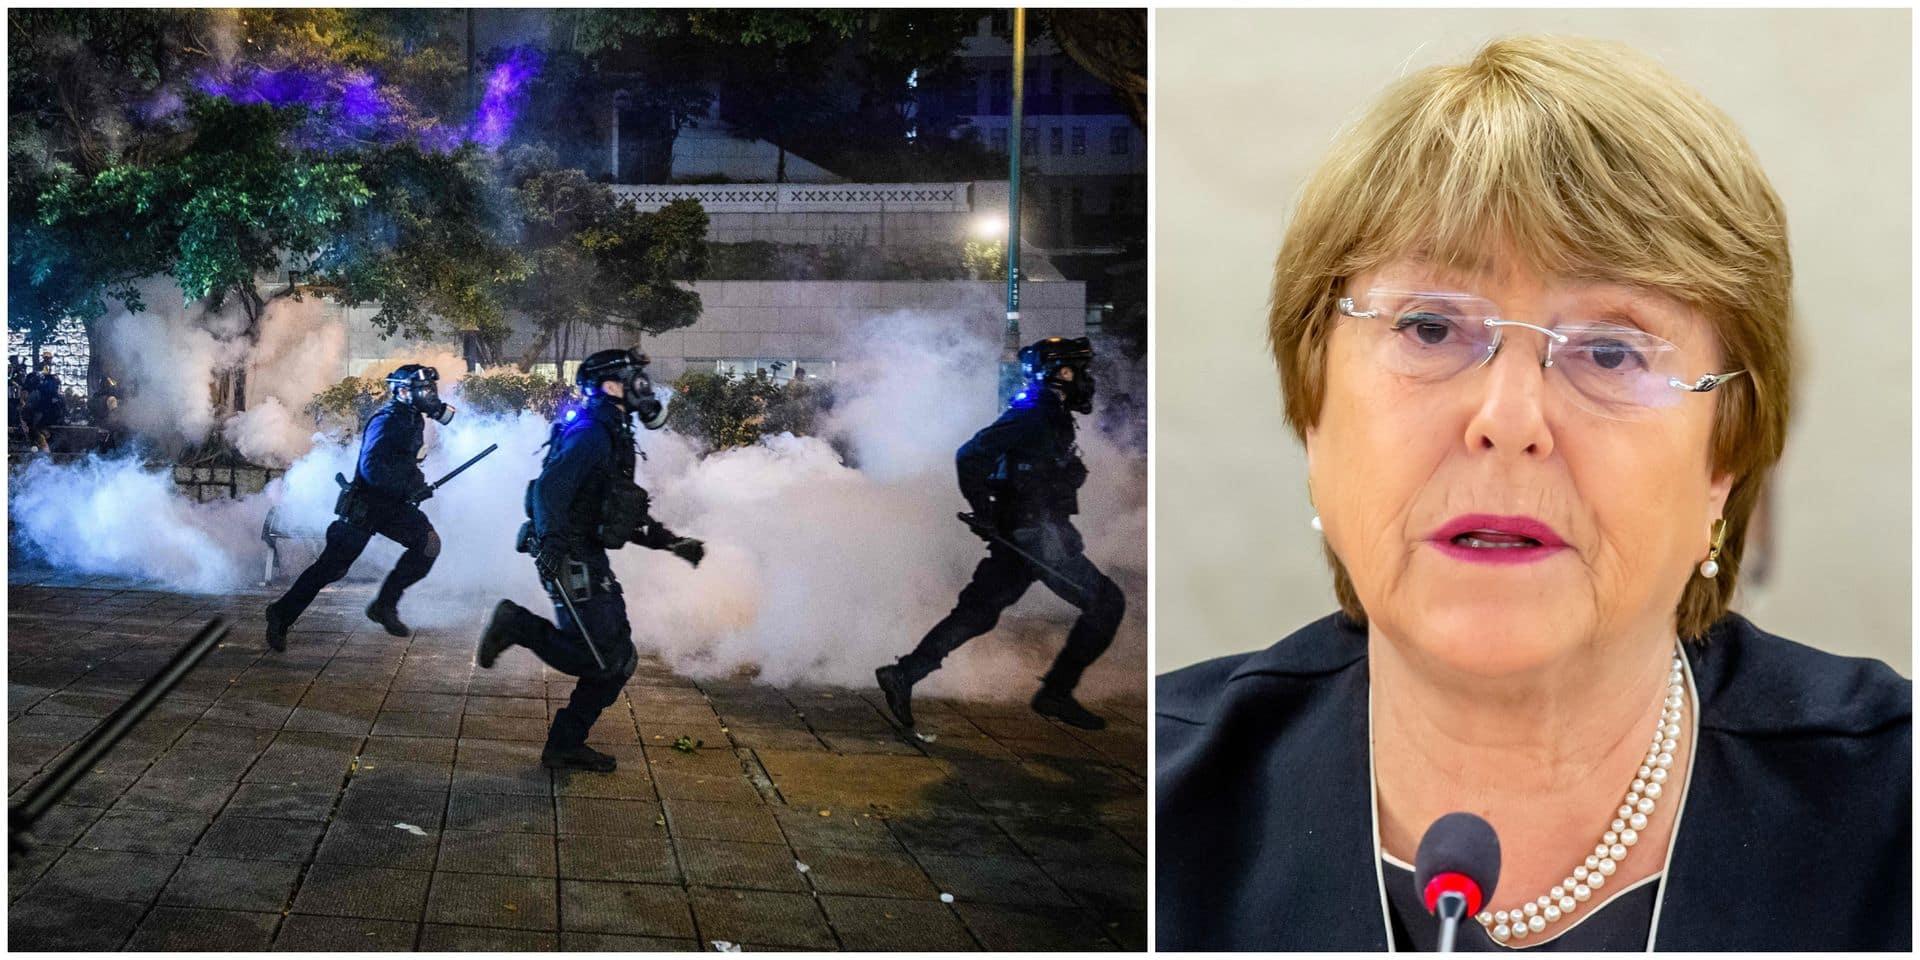 L'ONU condamne la violence à Hong Kong et demande une enquête impartiale